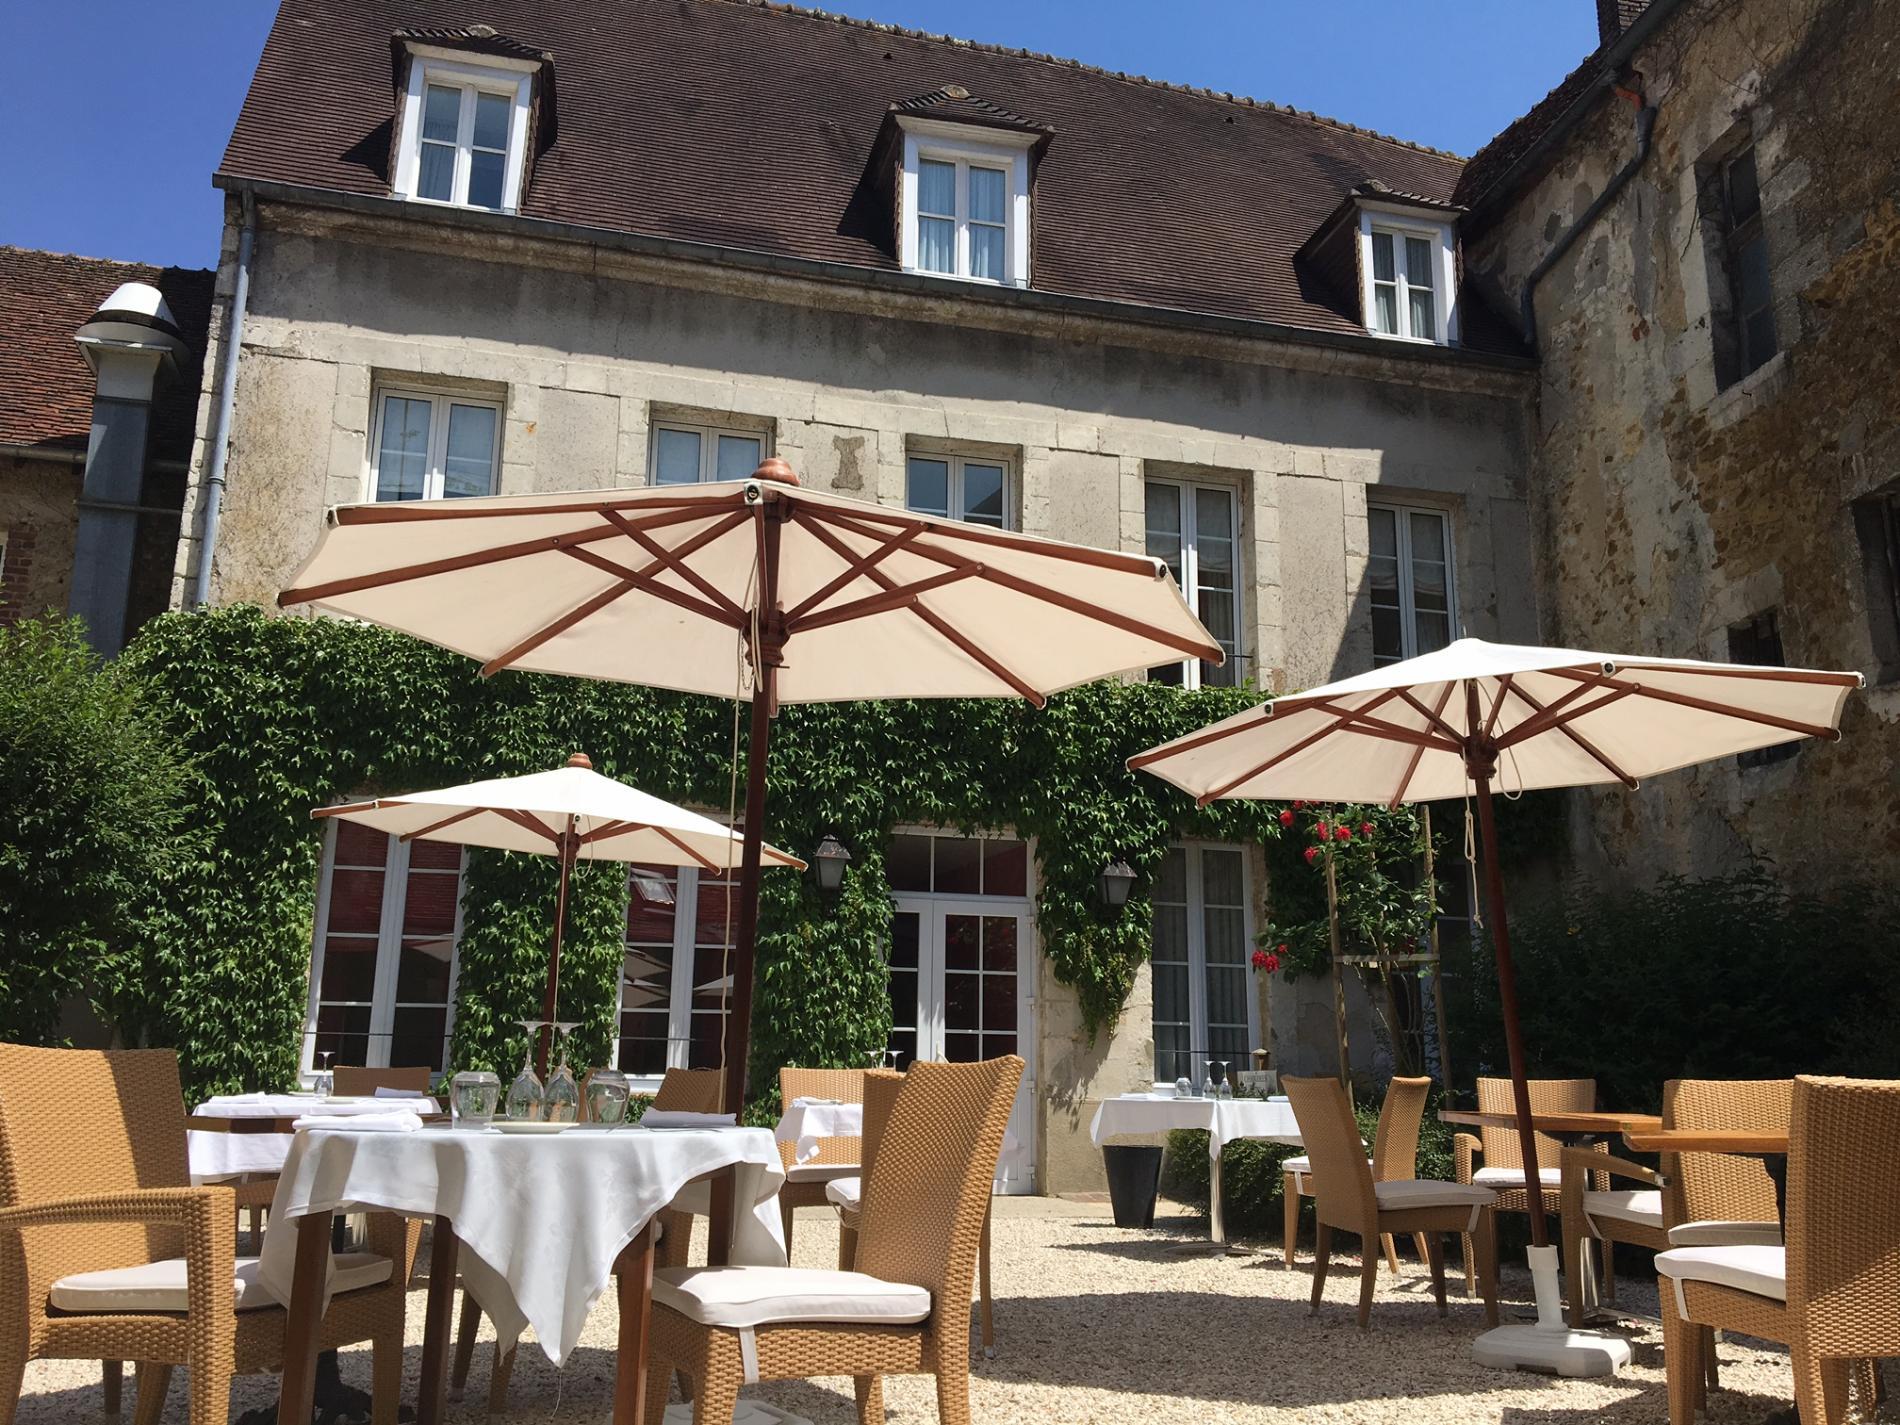 Le patio, un havre de tranquillité le temps d'un repas ou pour prendre un verre